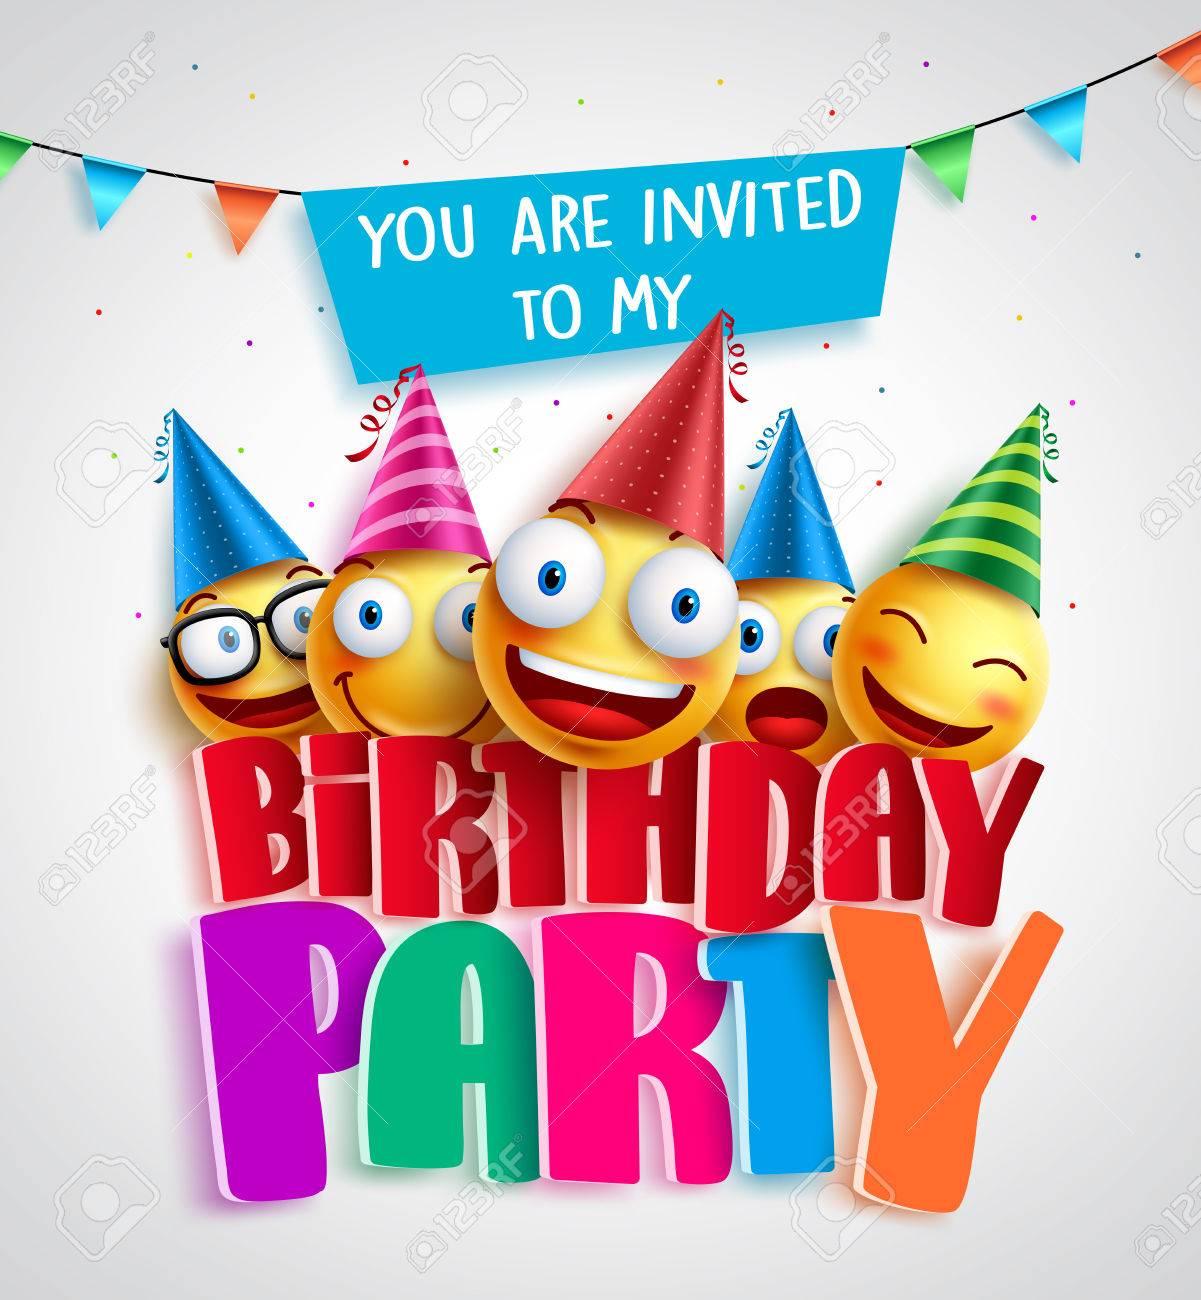 Geburtstagsfeier Einladung Vektor Design Mit Glucklichen Smileys